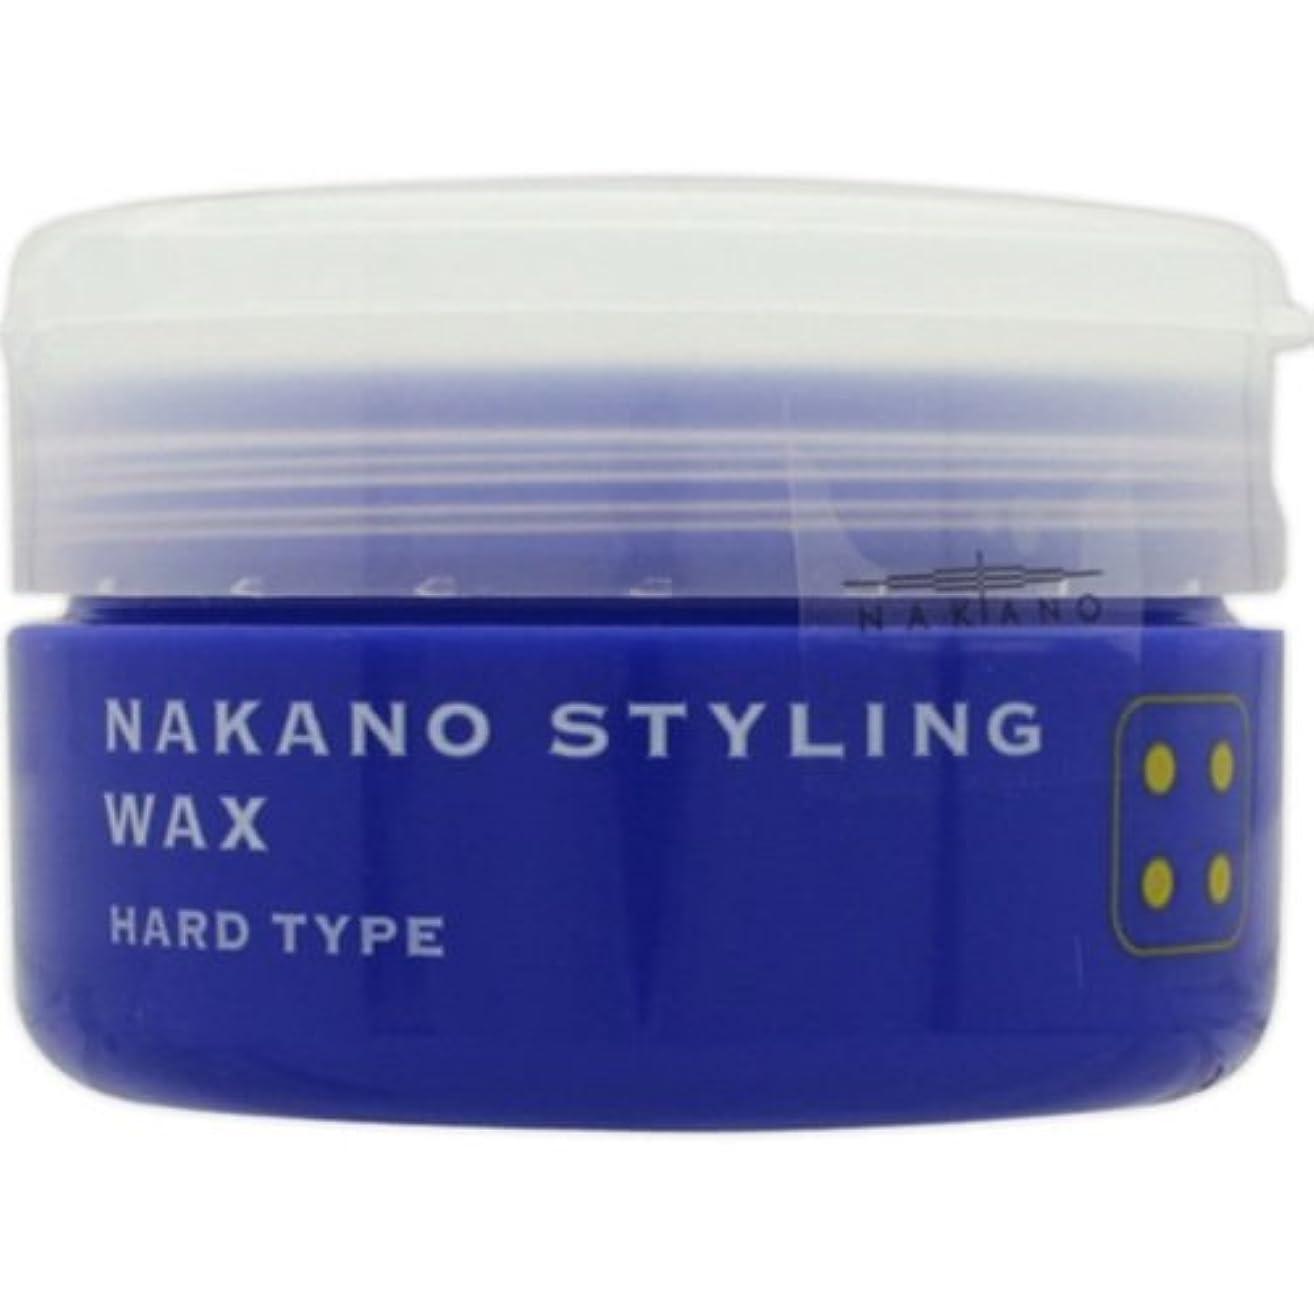 歩く気候の山風が強いナカノ スタイリングワックス 4 ハードタイプ 90g 中野製薬 NAKANO